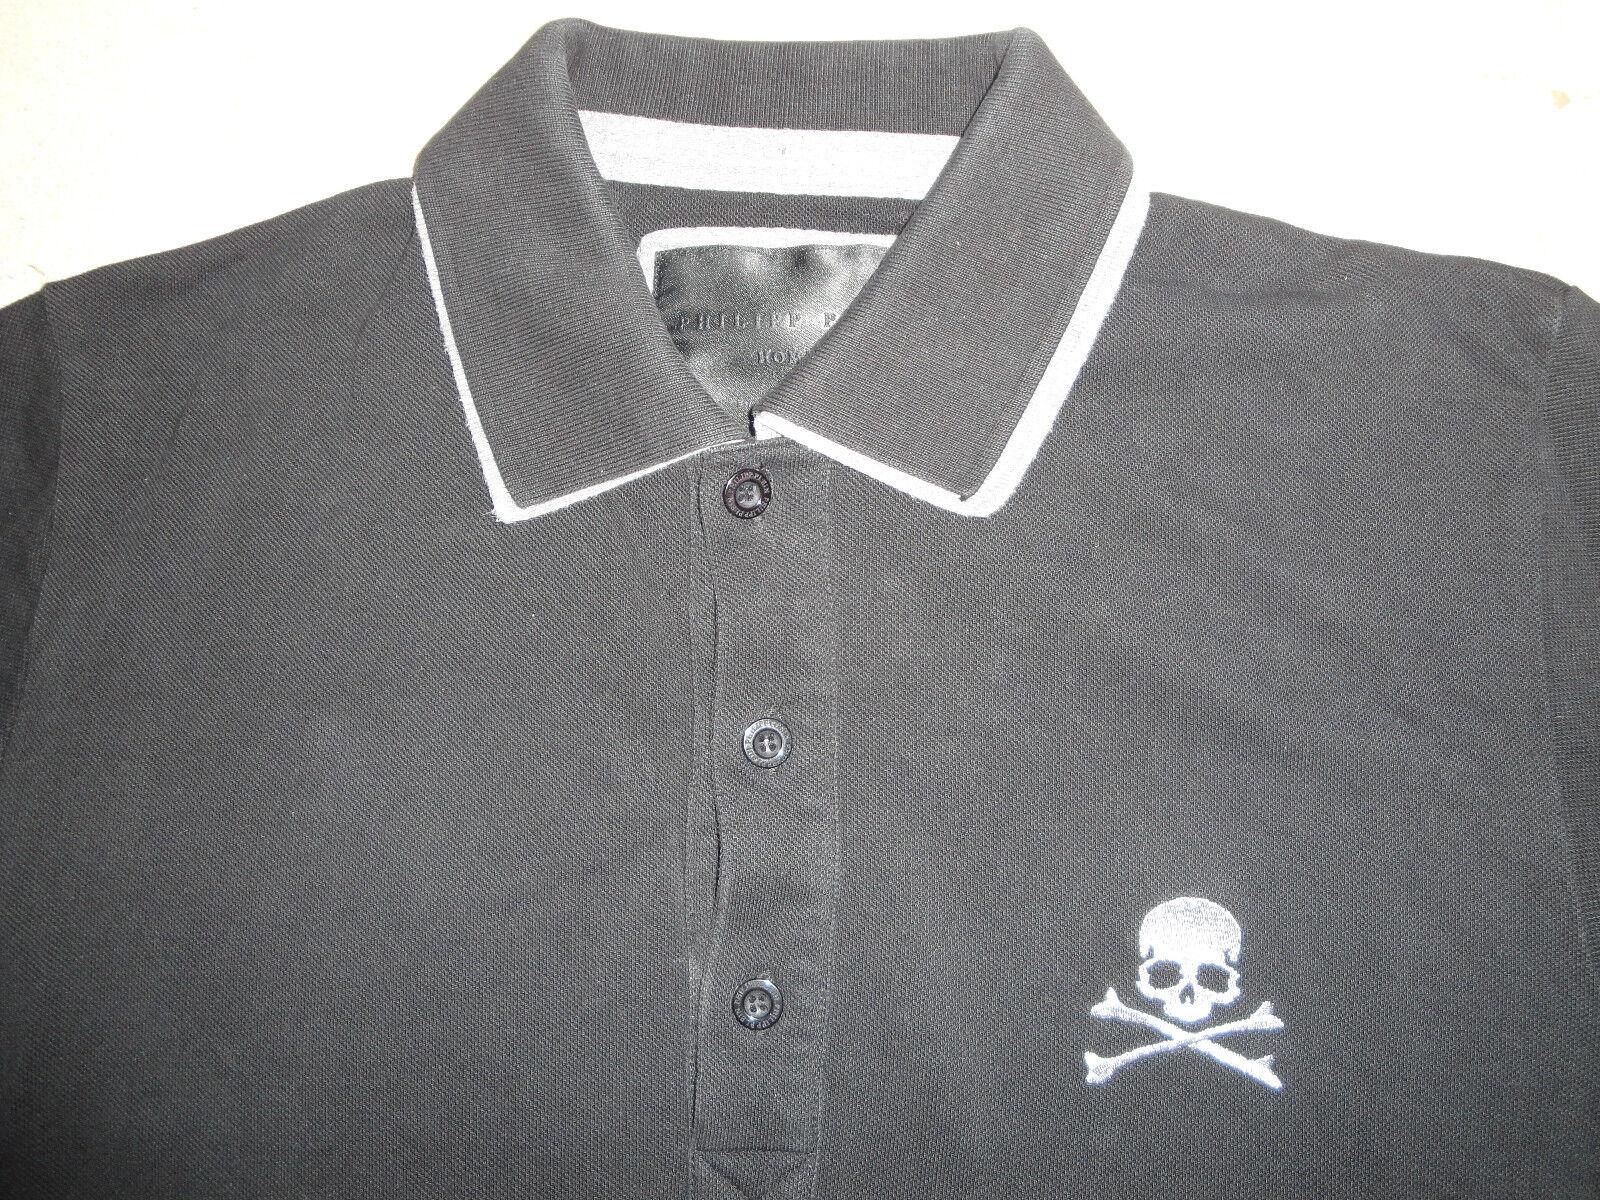 77c757d5bec68 ... Philippe Plein Homme Polo Noir Manches Longues Taille M Top Haut Haut  Top Tee-shirt ...